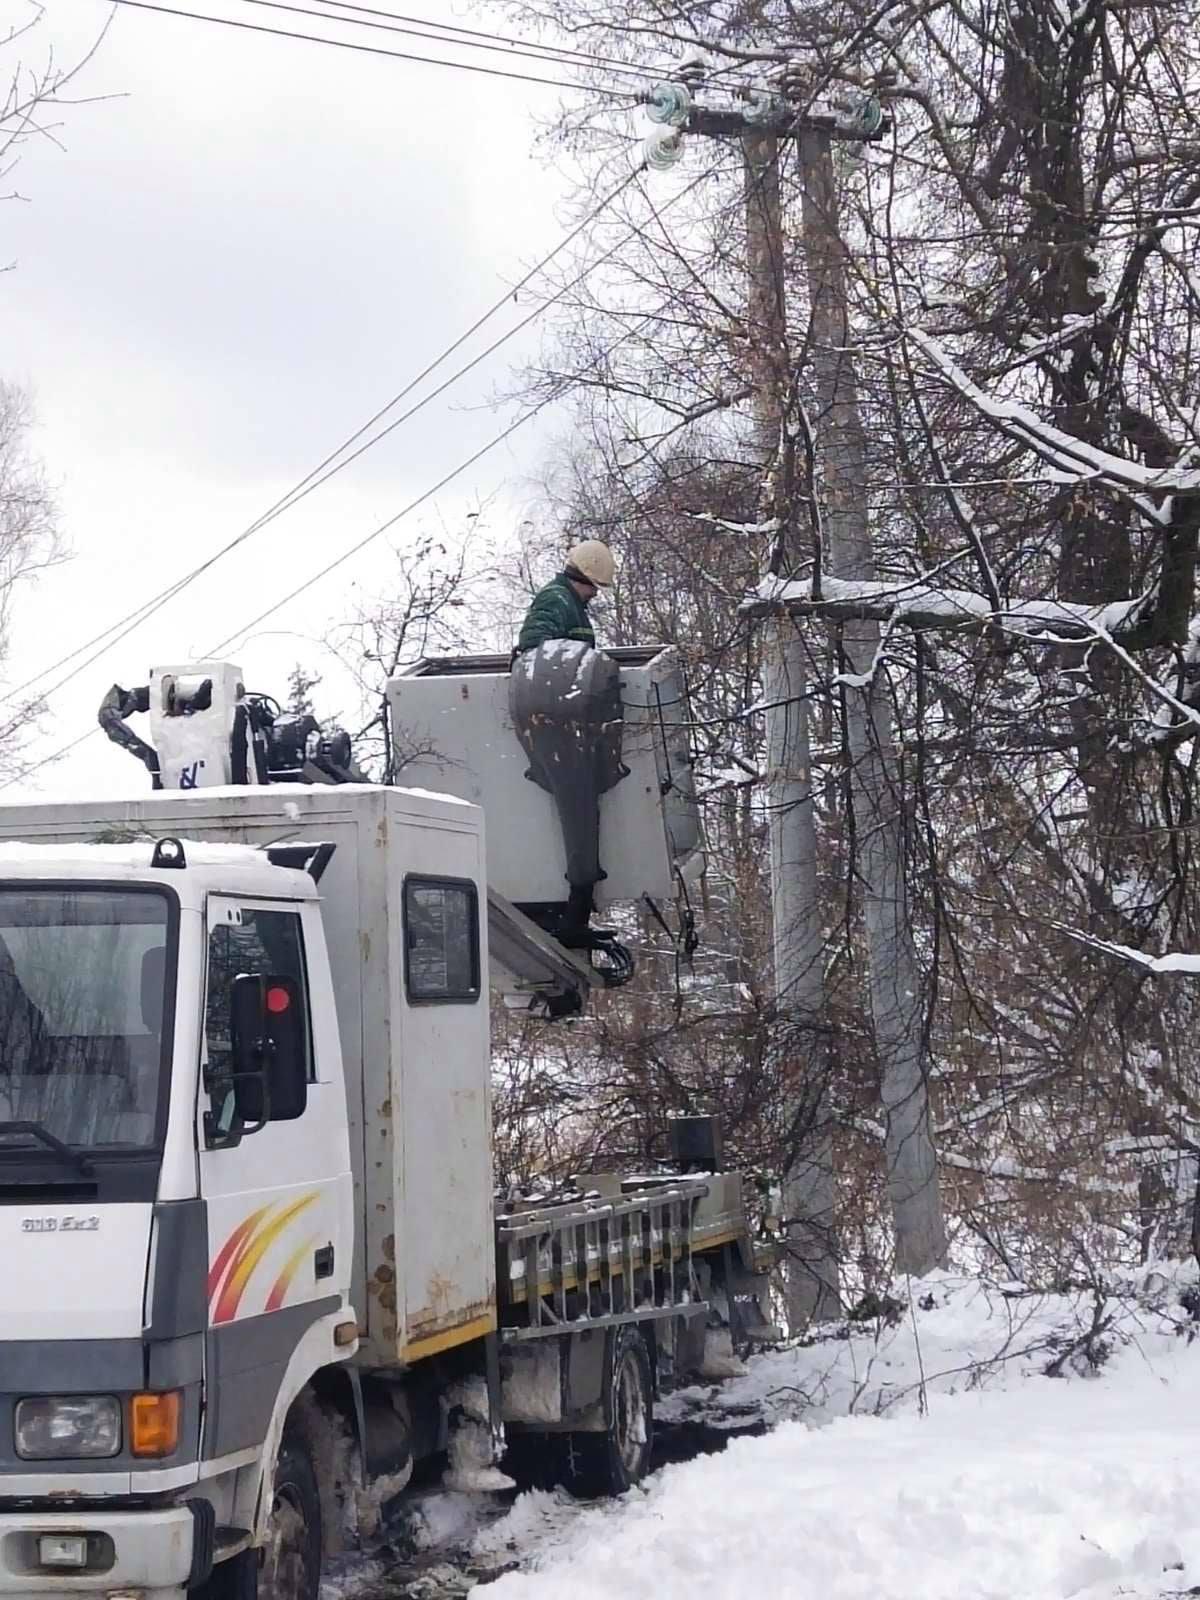 На Бориспільщині через бобрів люди сиділи без світла - світло, Електрика - 143747484 114100700634473 6948506540027006148 o